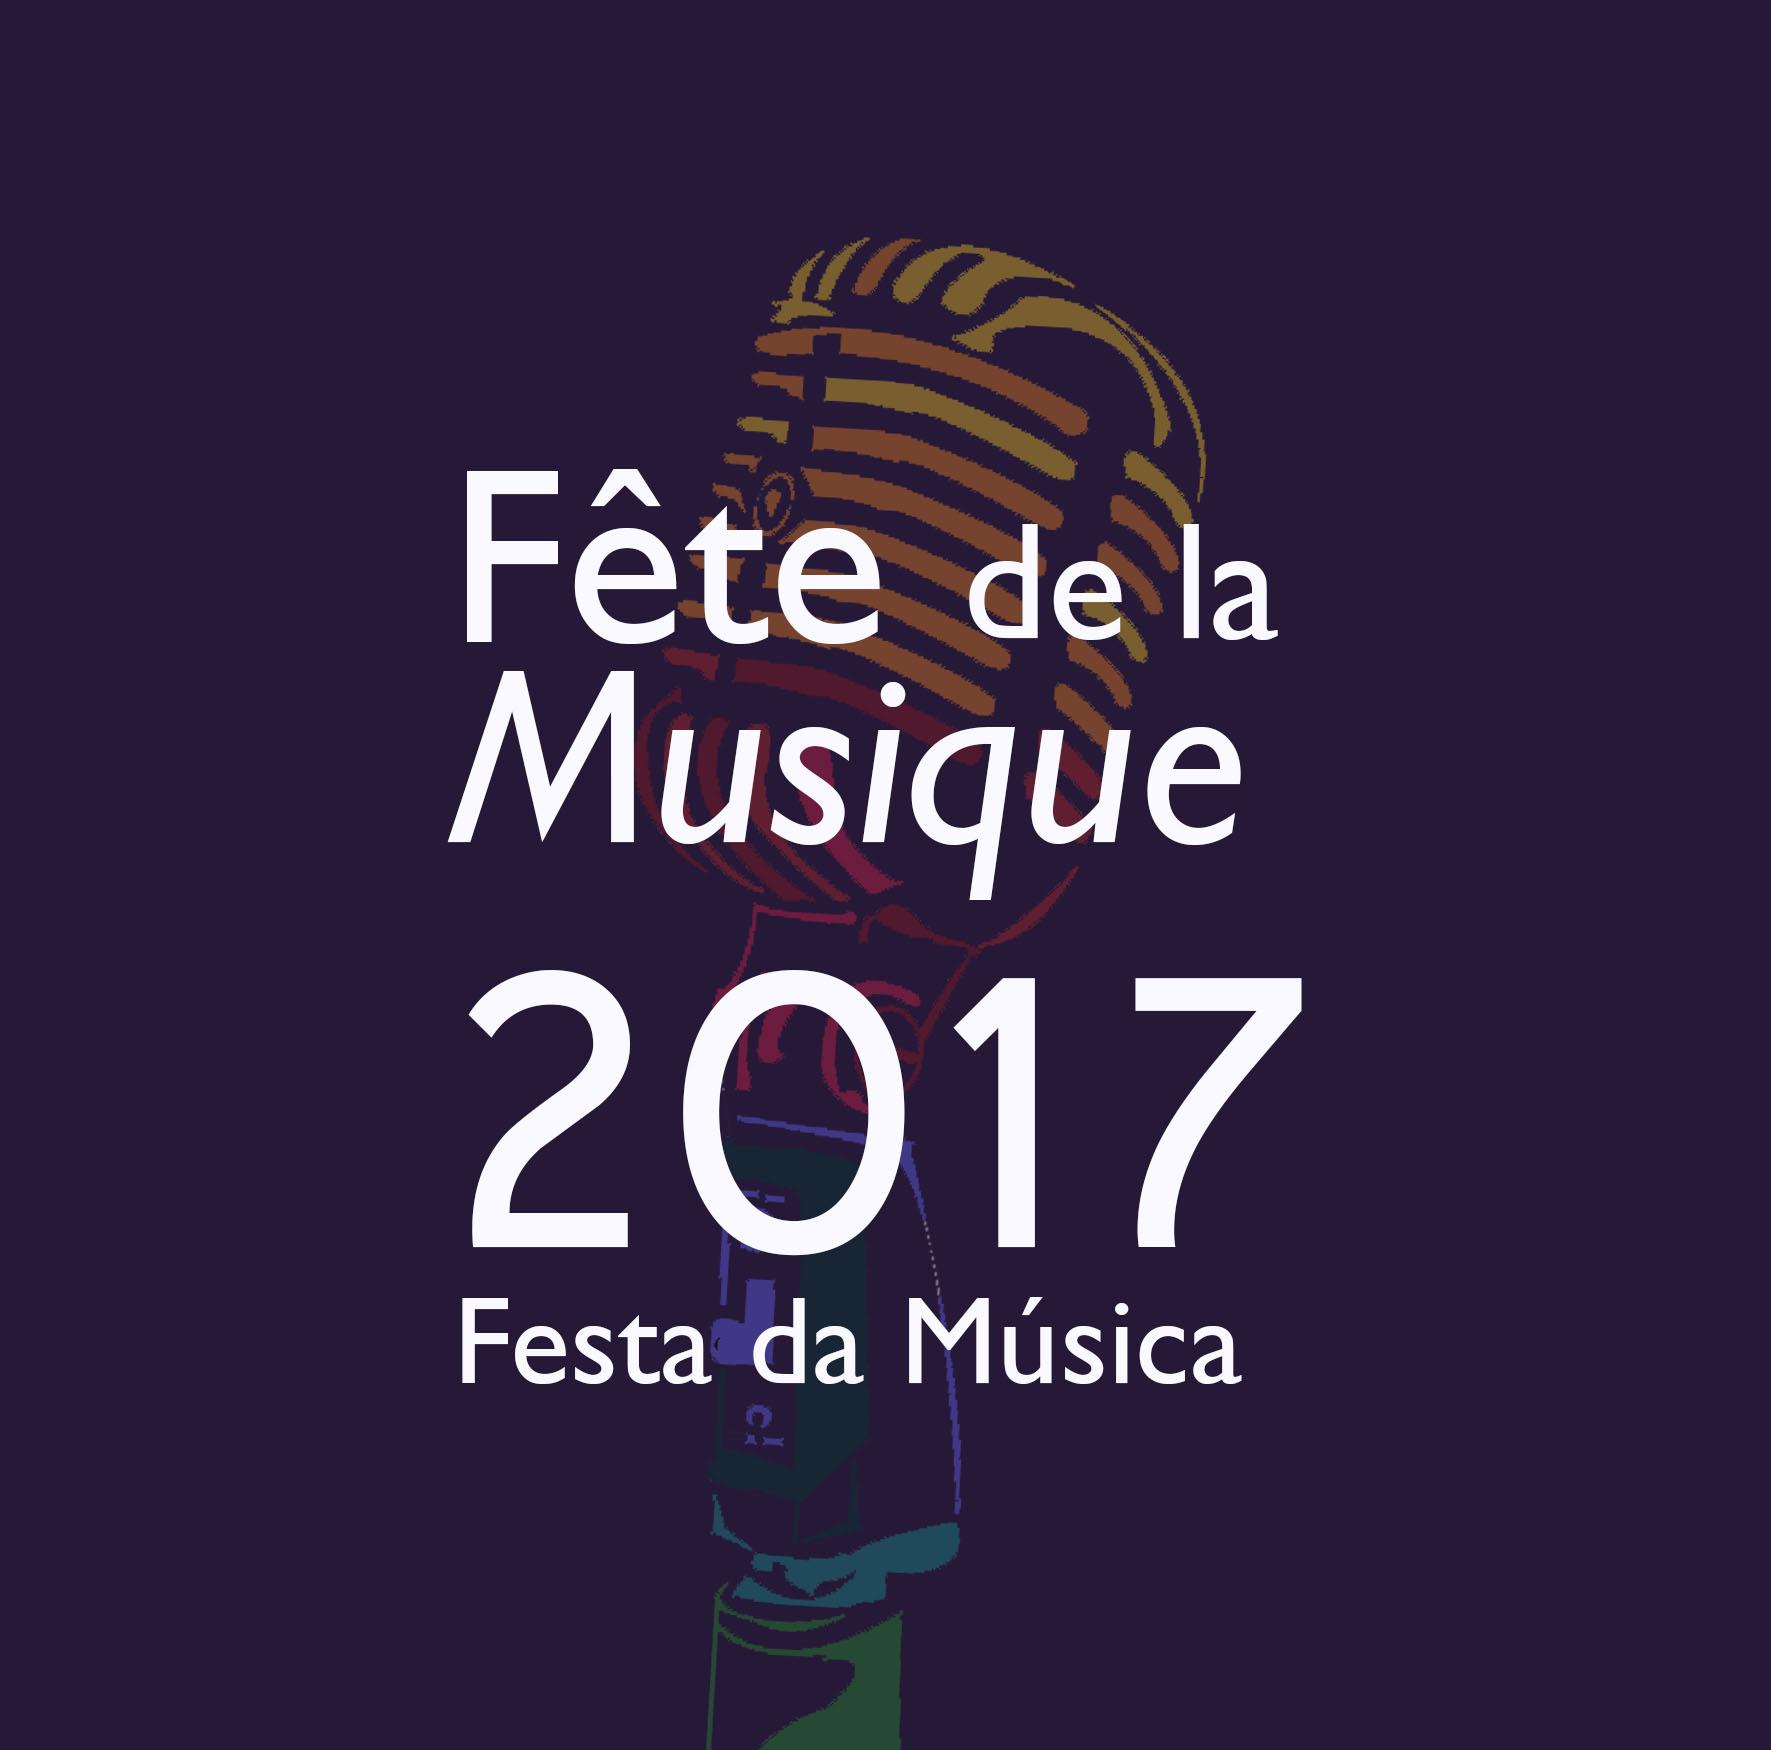 Alian a francesa realiza neste s bado edi o 2017 da f te de la musique patricia finotti - Fete de la musique 2017 date ...